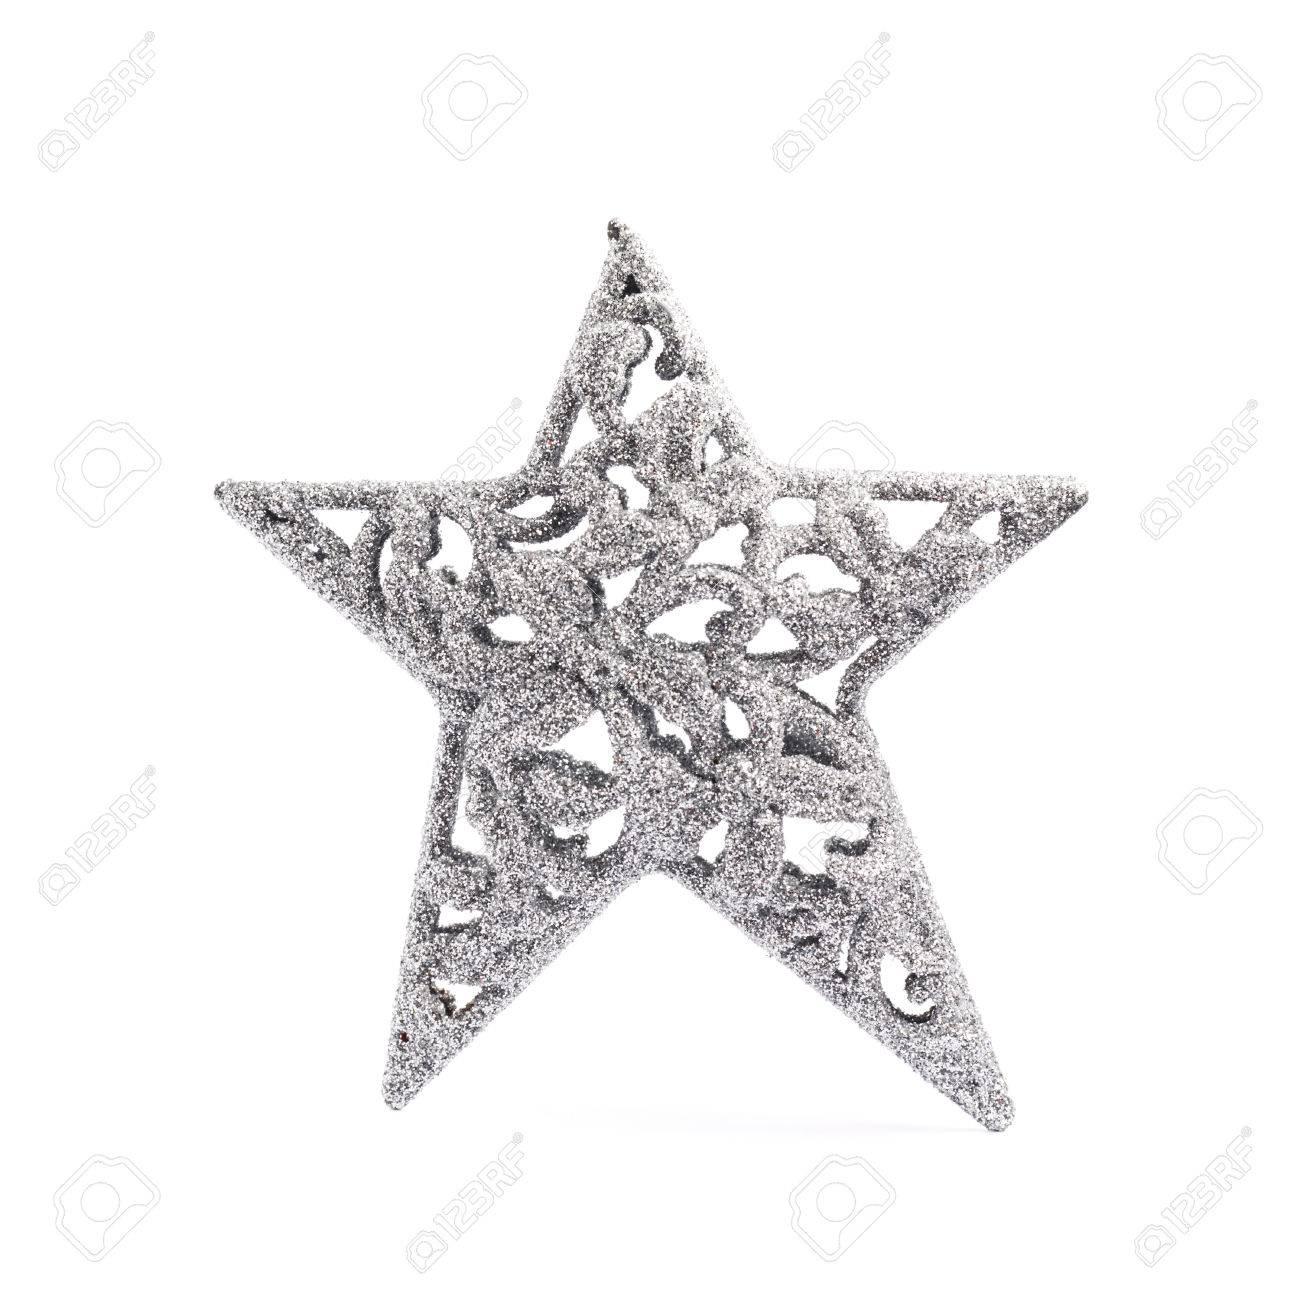 Weihnachten Silber Sterndekoration Stück Isoliert über Dem Weißen ...